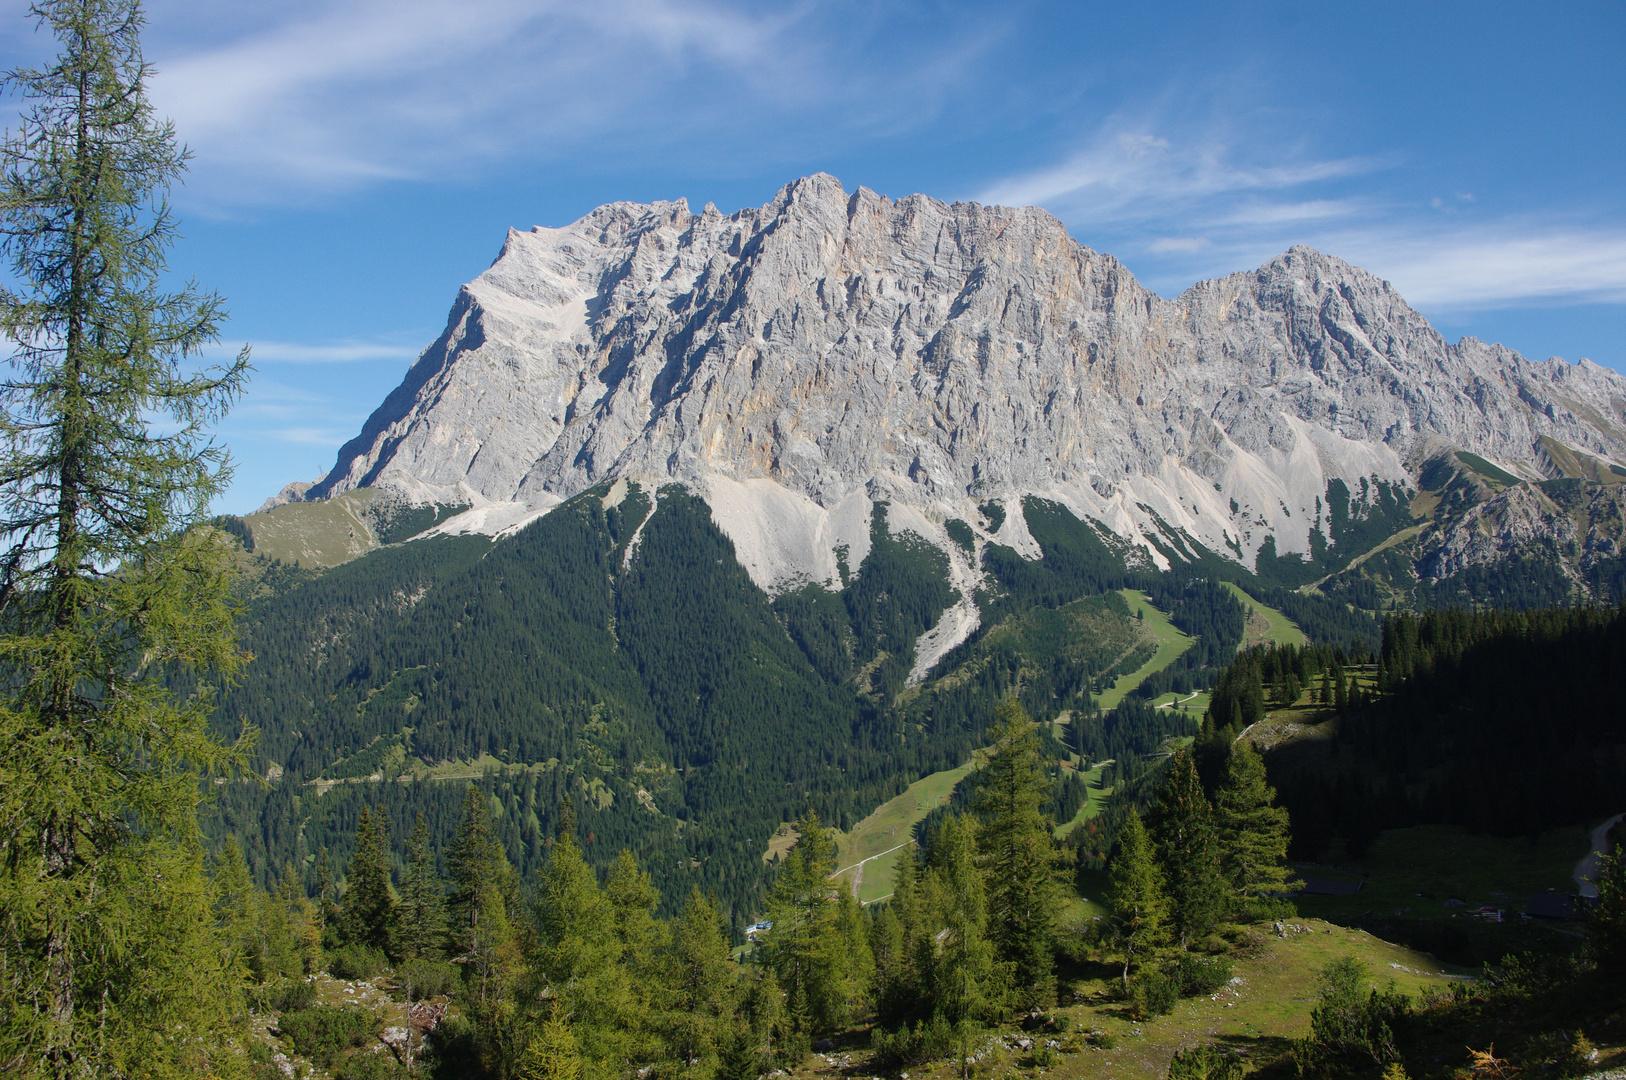 Blick auf Zugspitzmassiv von Seebenalm/Österreich